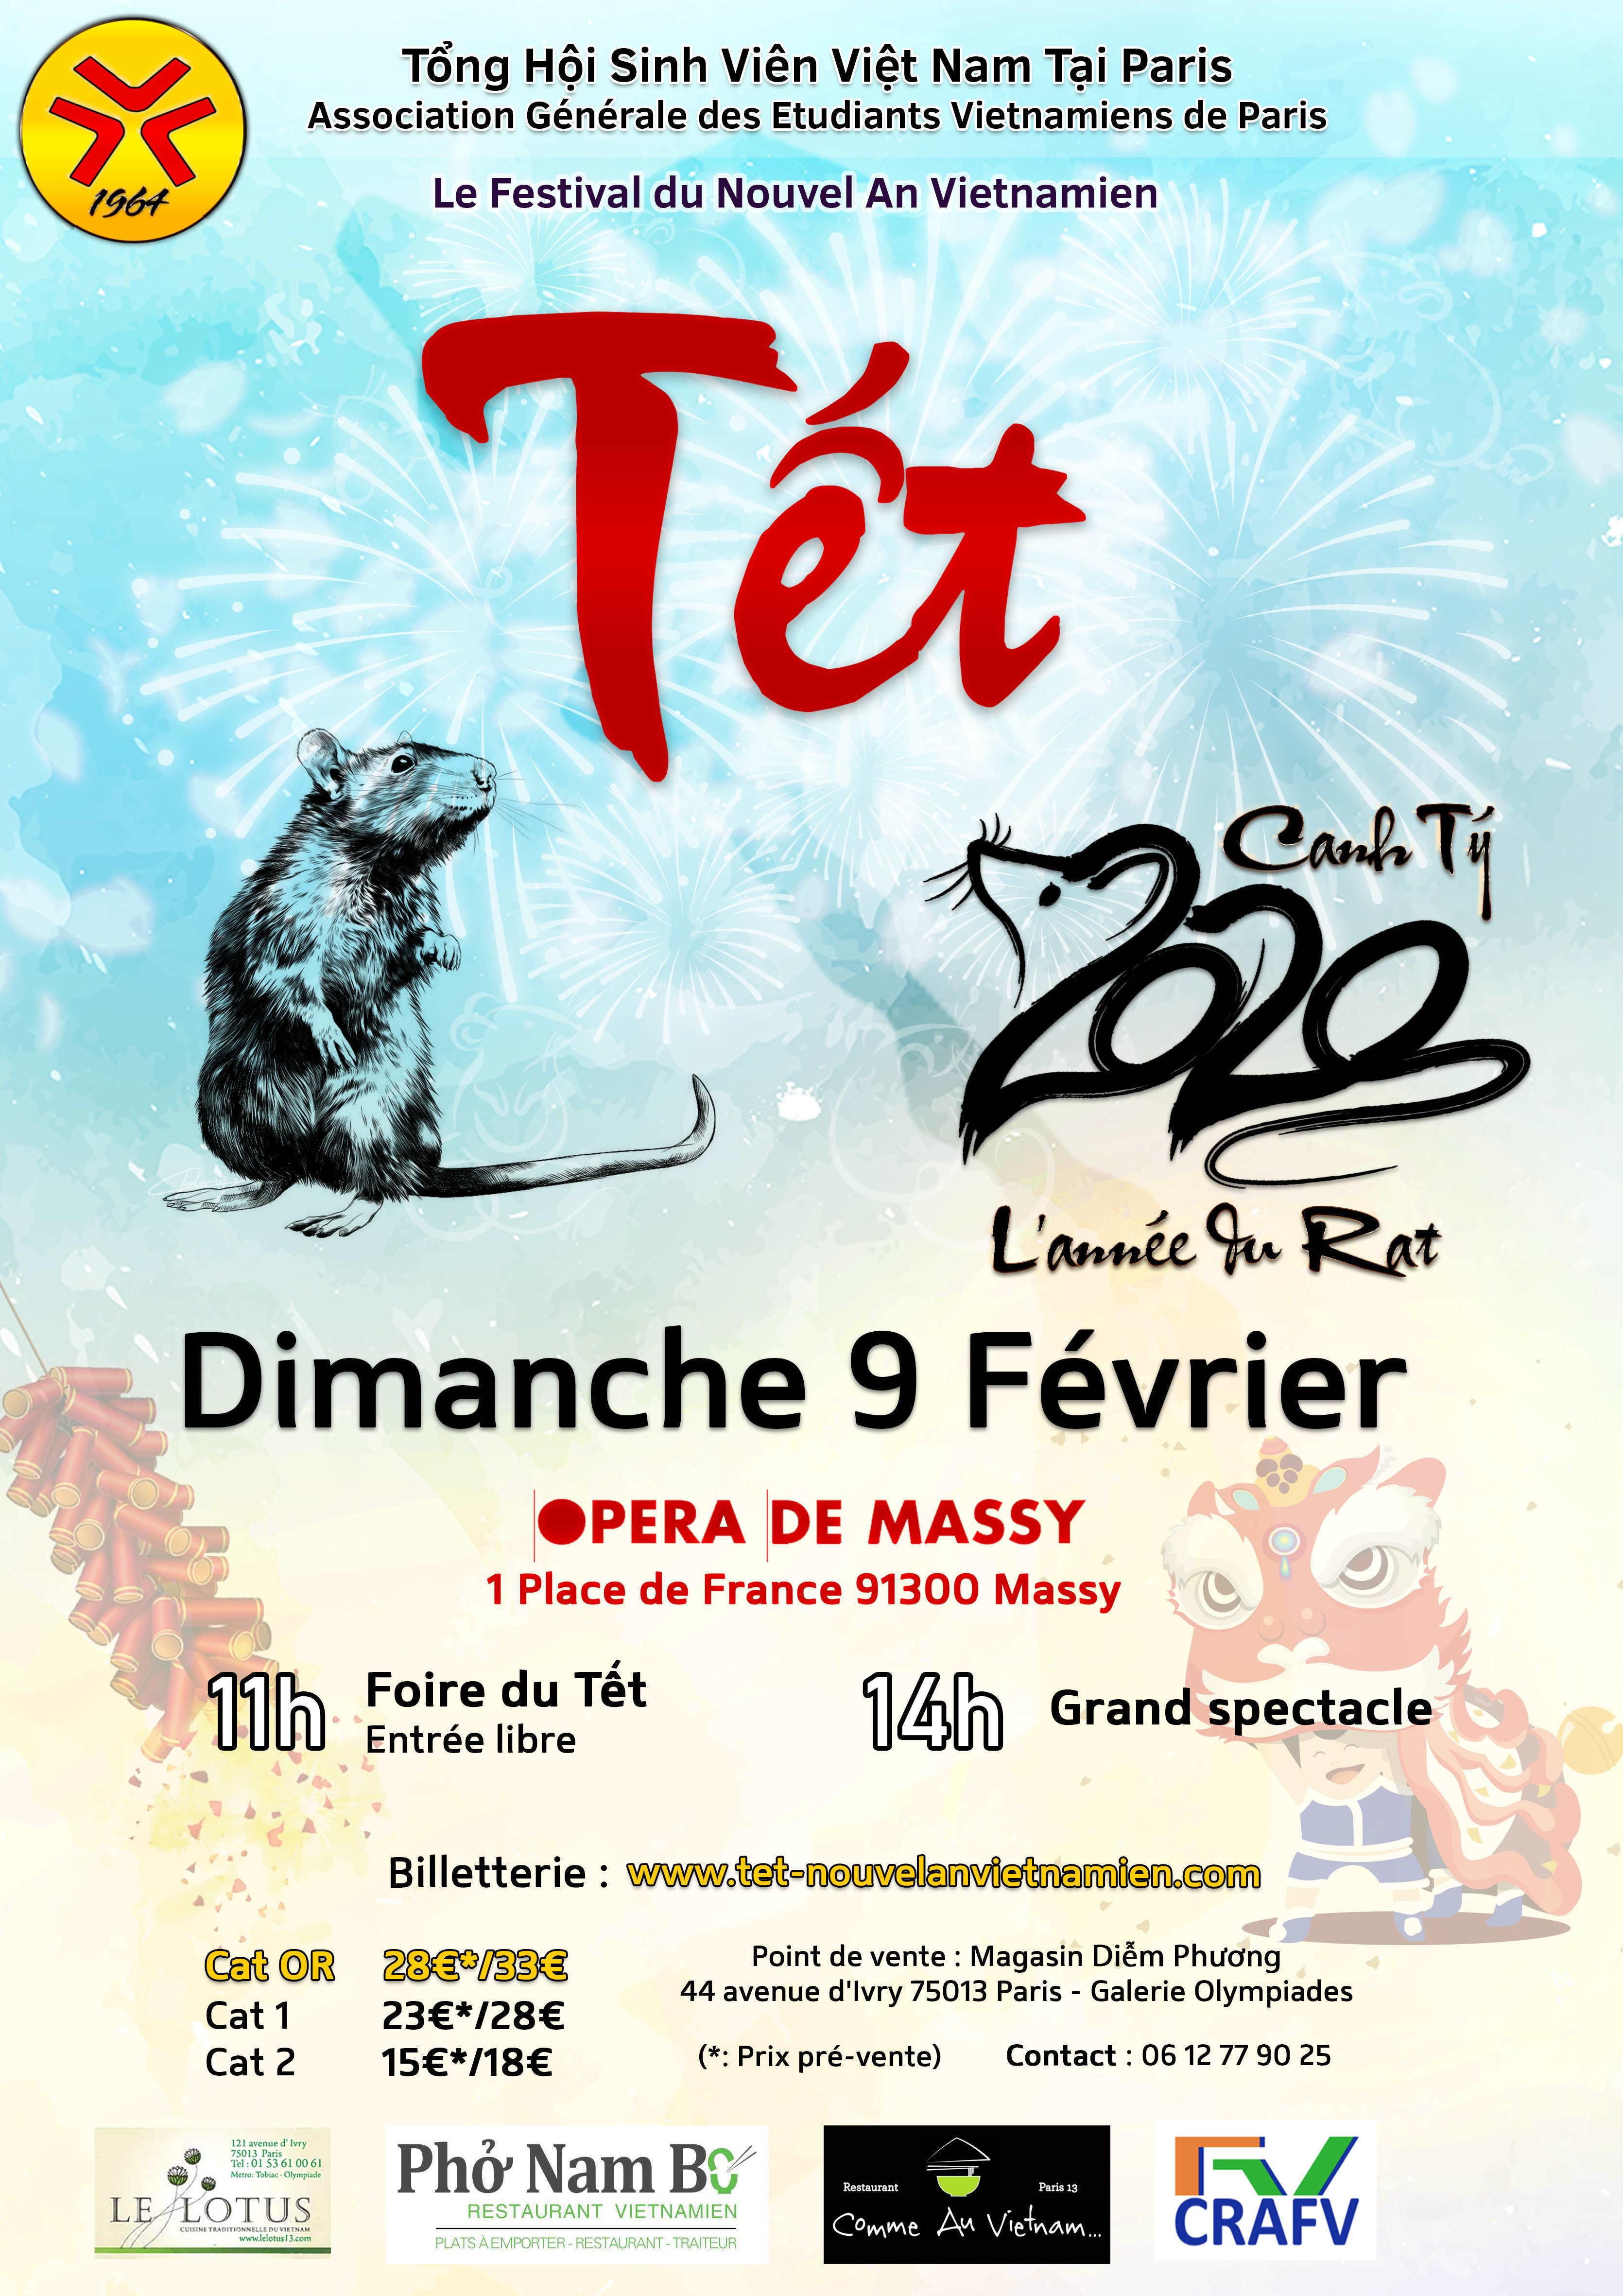 Affiche du Festival du Nouvel An Vietnamien Tết Canh Tý AGEVP 2020